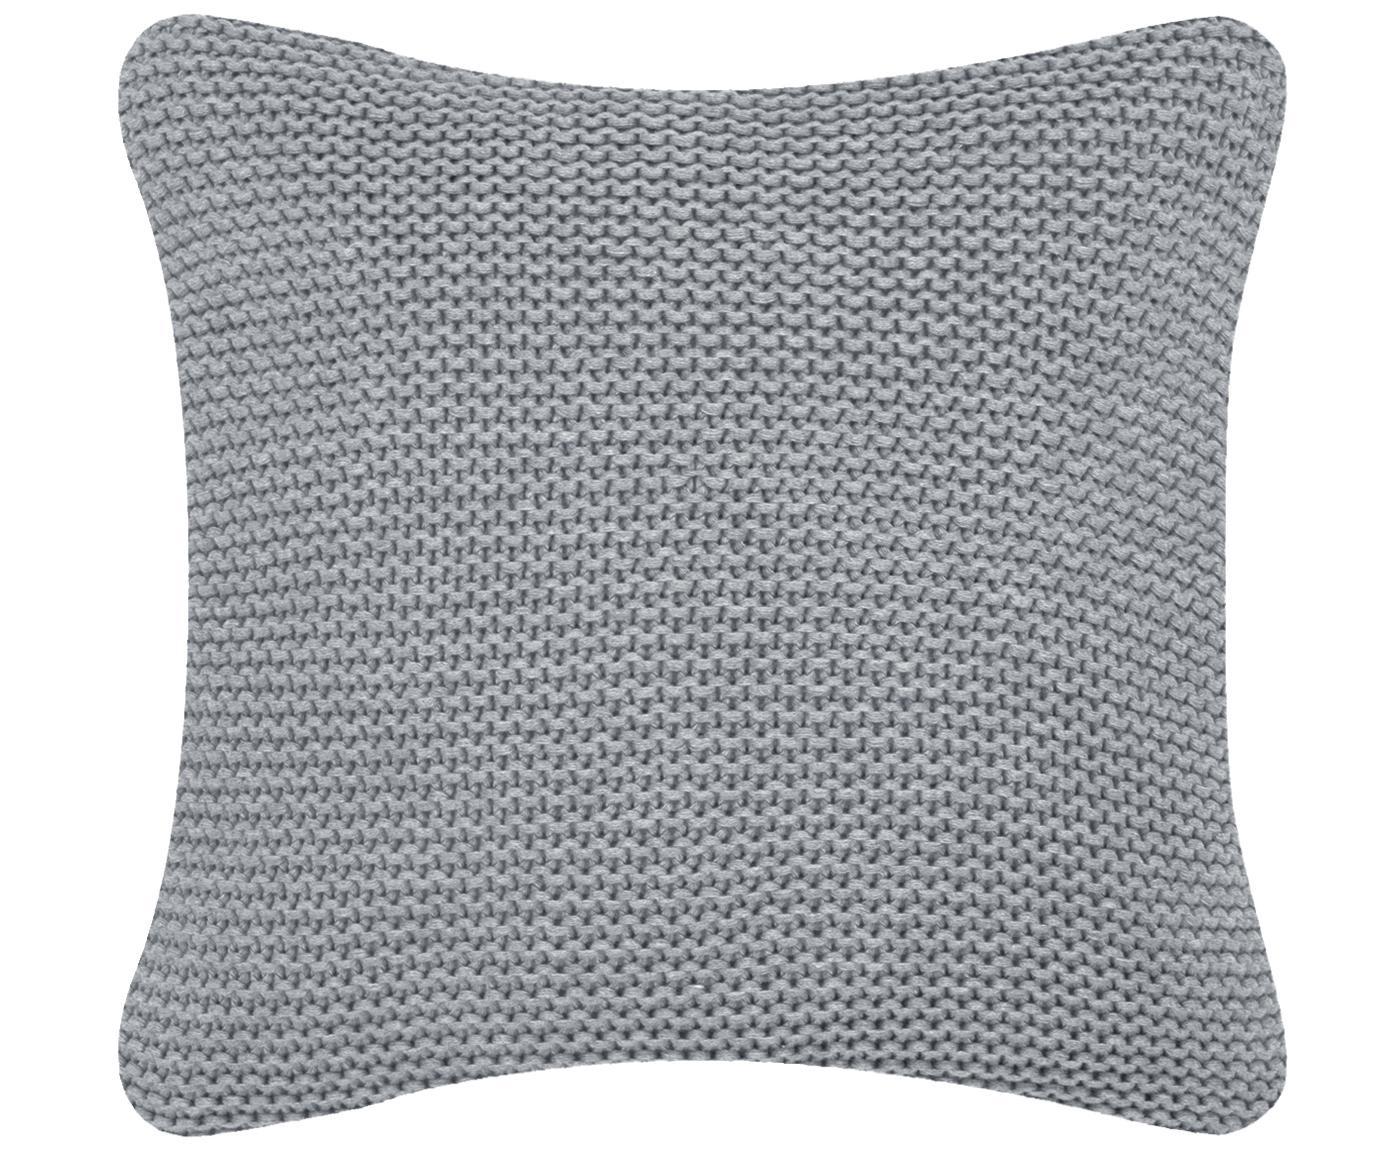 Strick-Kissenhülle Adalyn in Hellgrau, 100% Baumwolle, Hellgrau, 40 x 40 cm